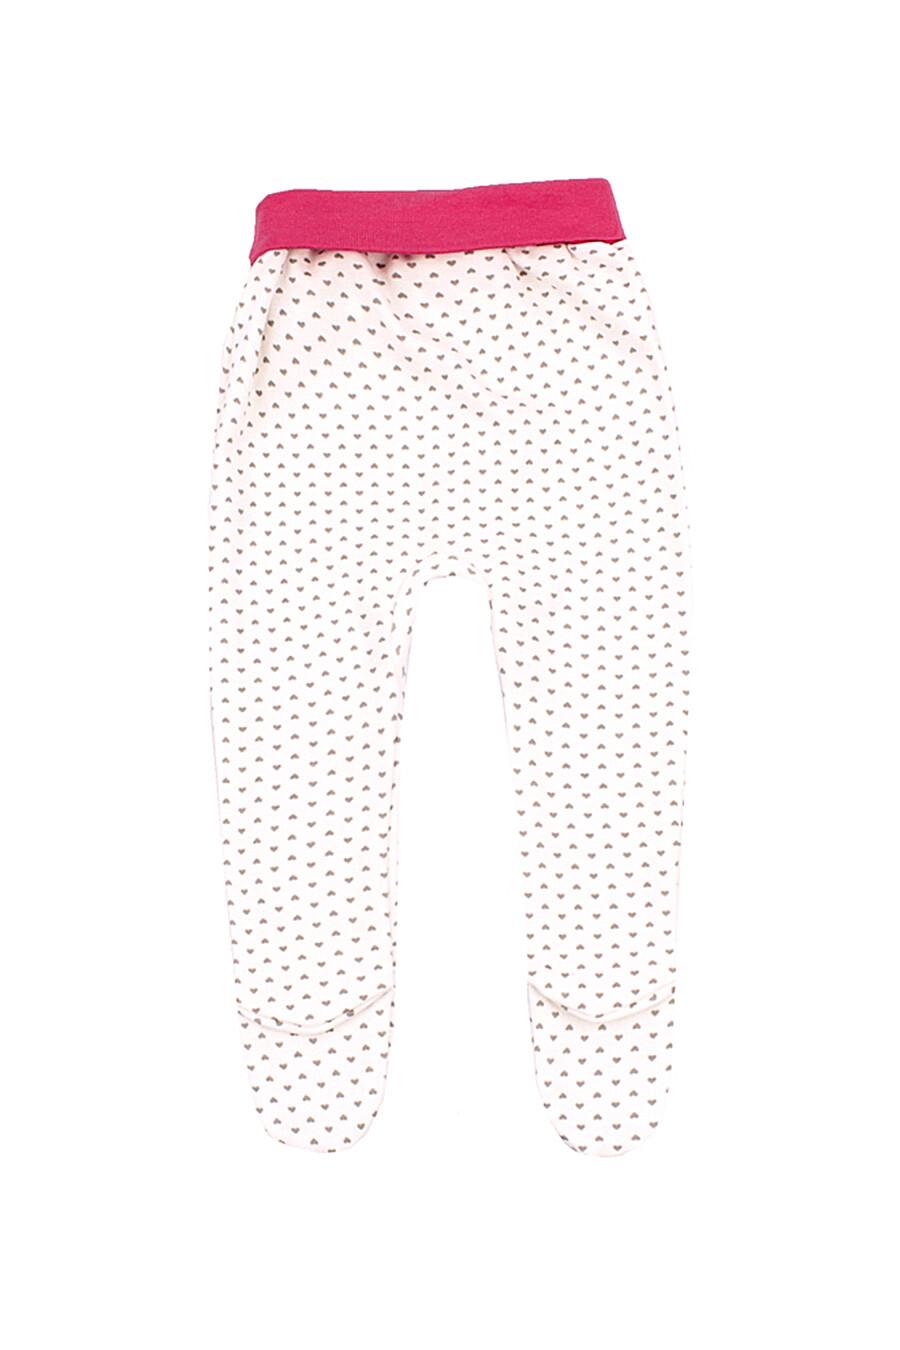 Ползунки для девочек АПРЕЛЬ 699933 купить оптом от производителя. Совместная покупка детской одежды в OptMoyo